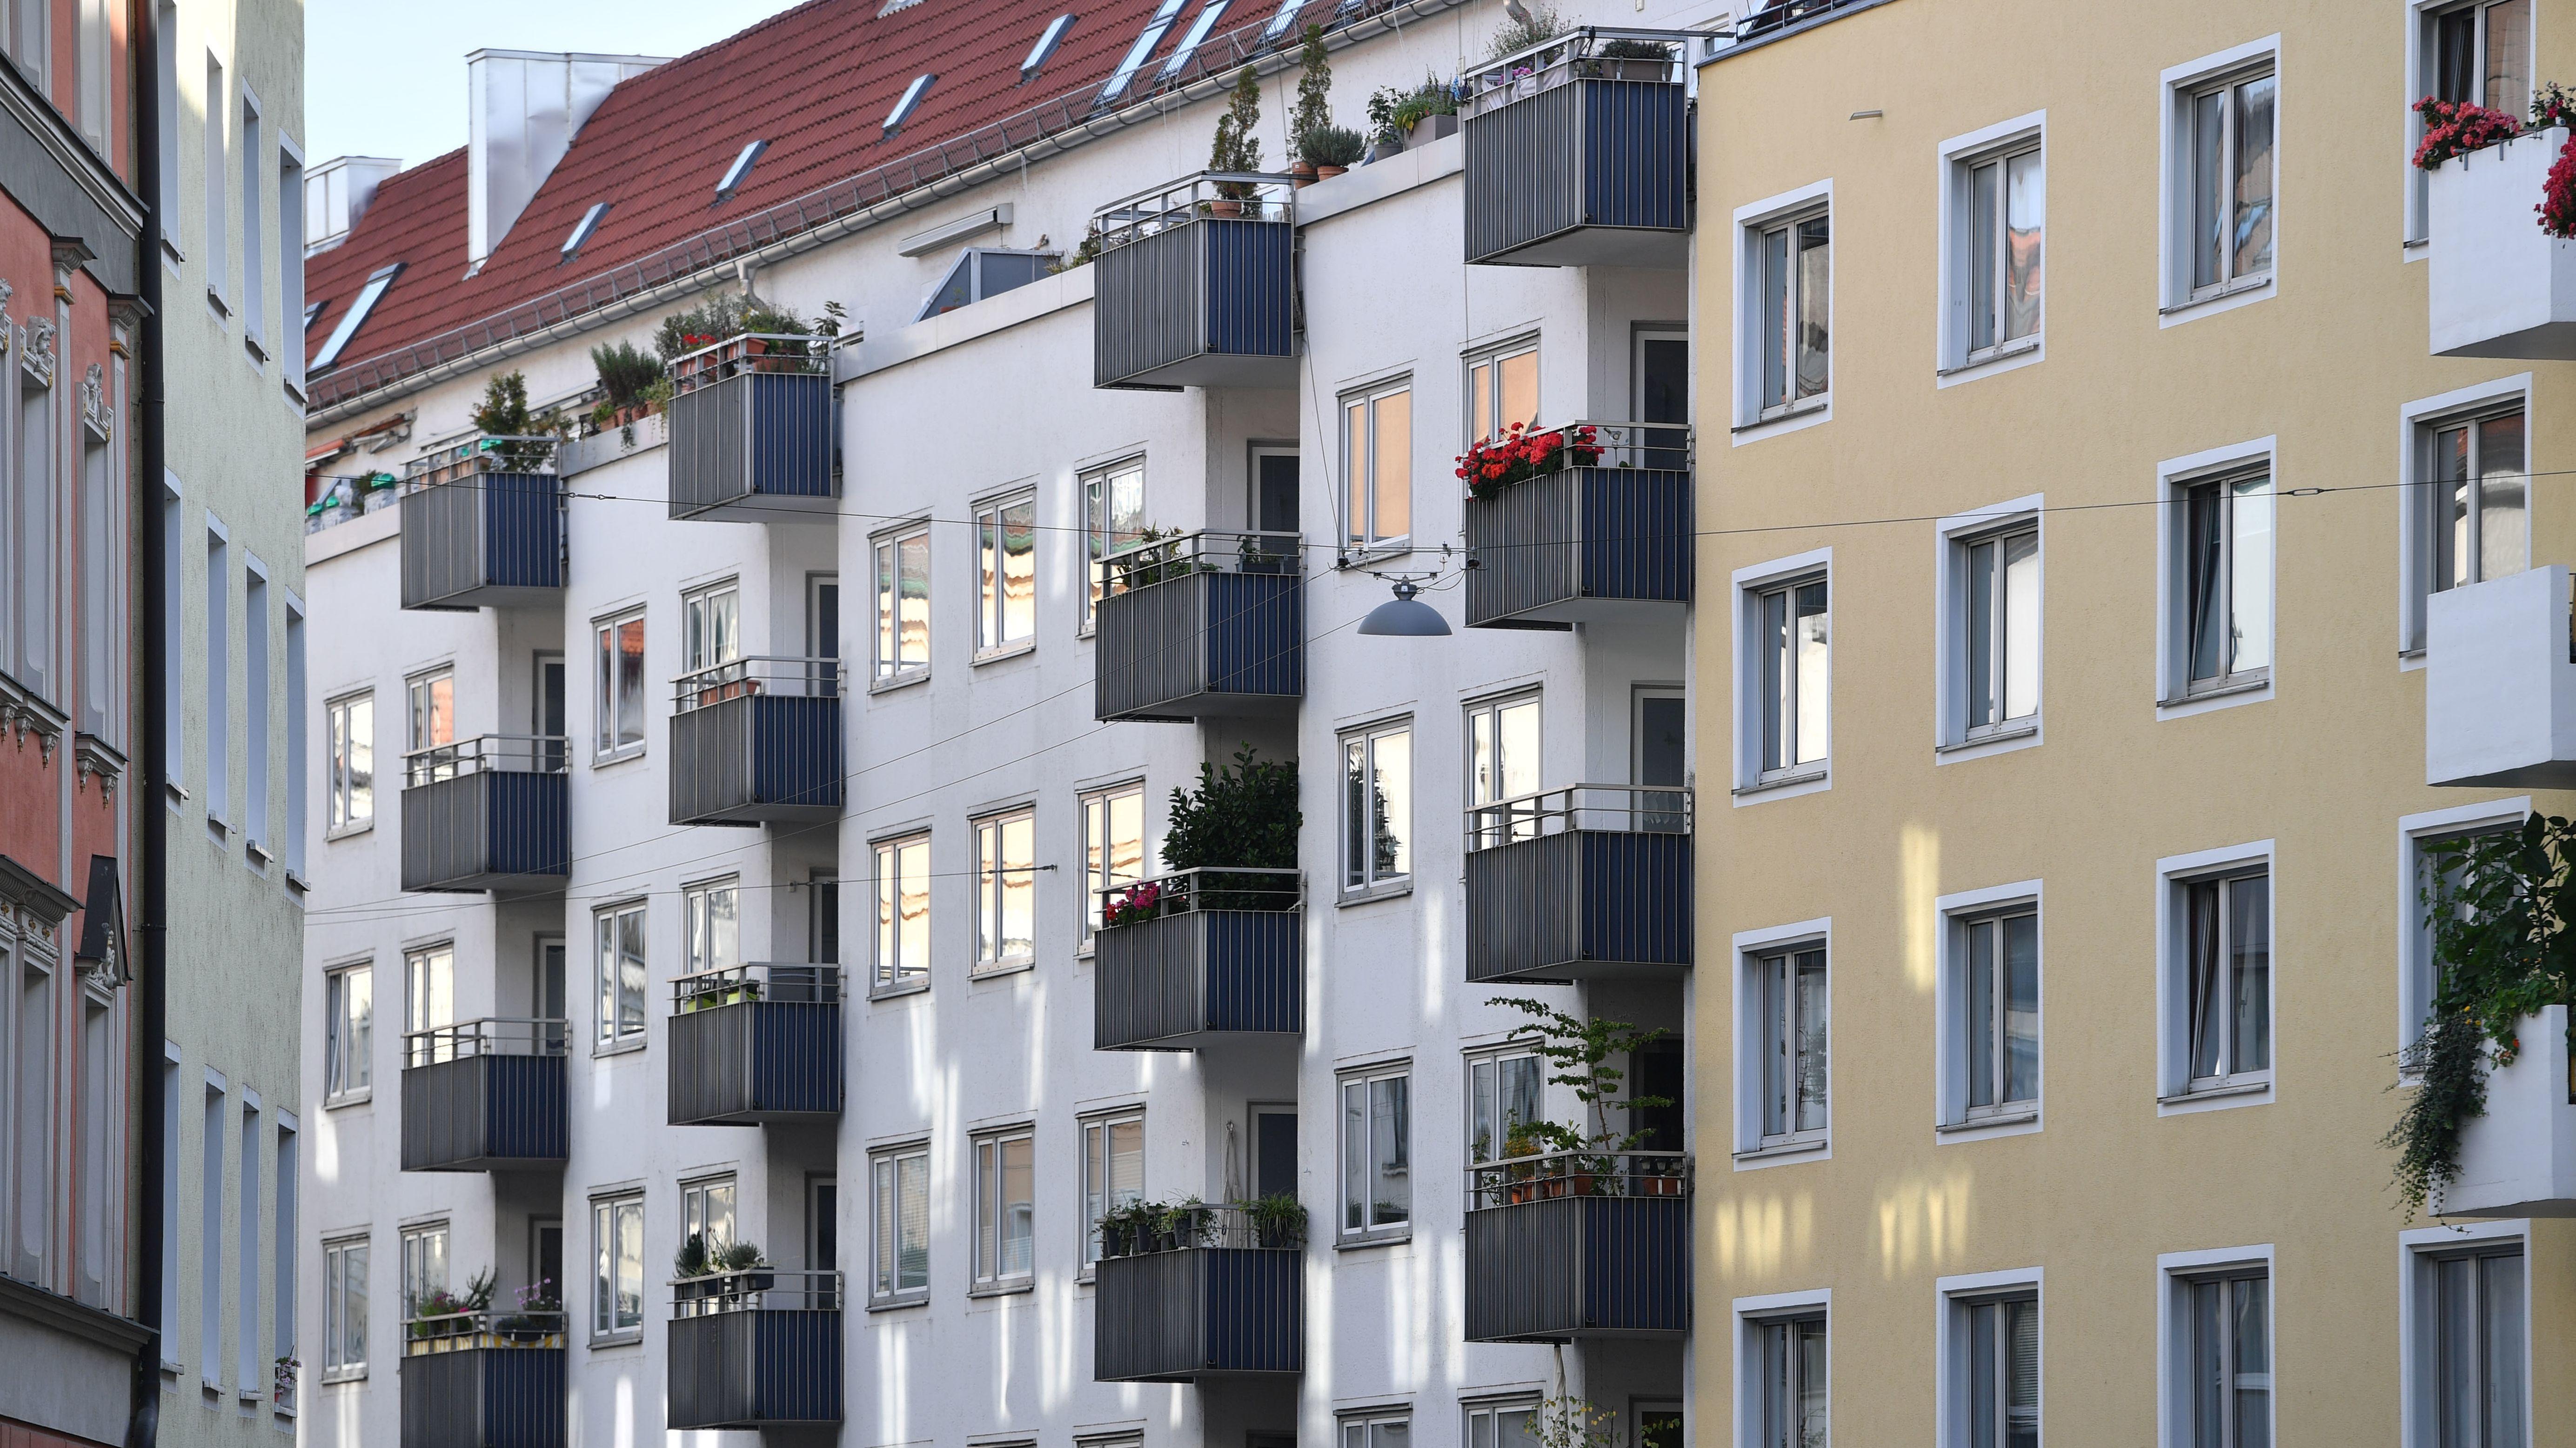 Mietwohnungen im Stadtteil Lehel in München.